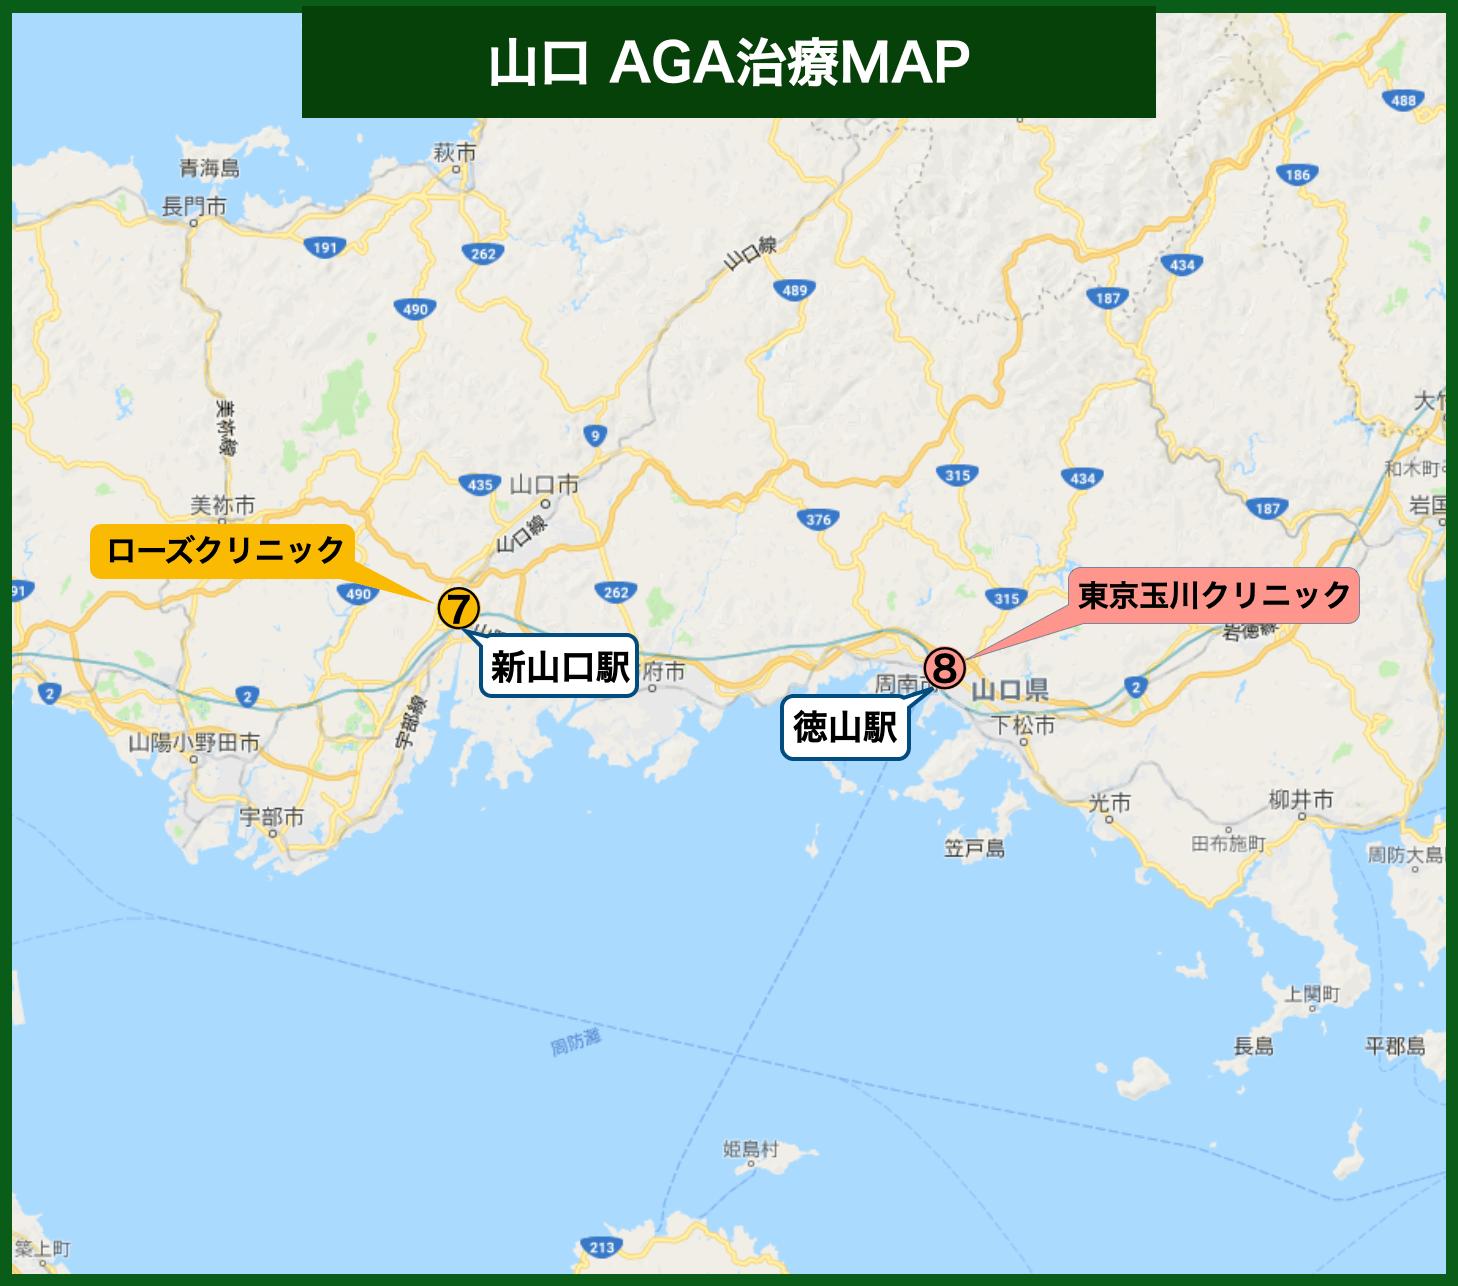 山口AGA治療MAP